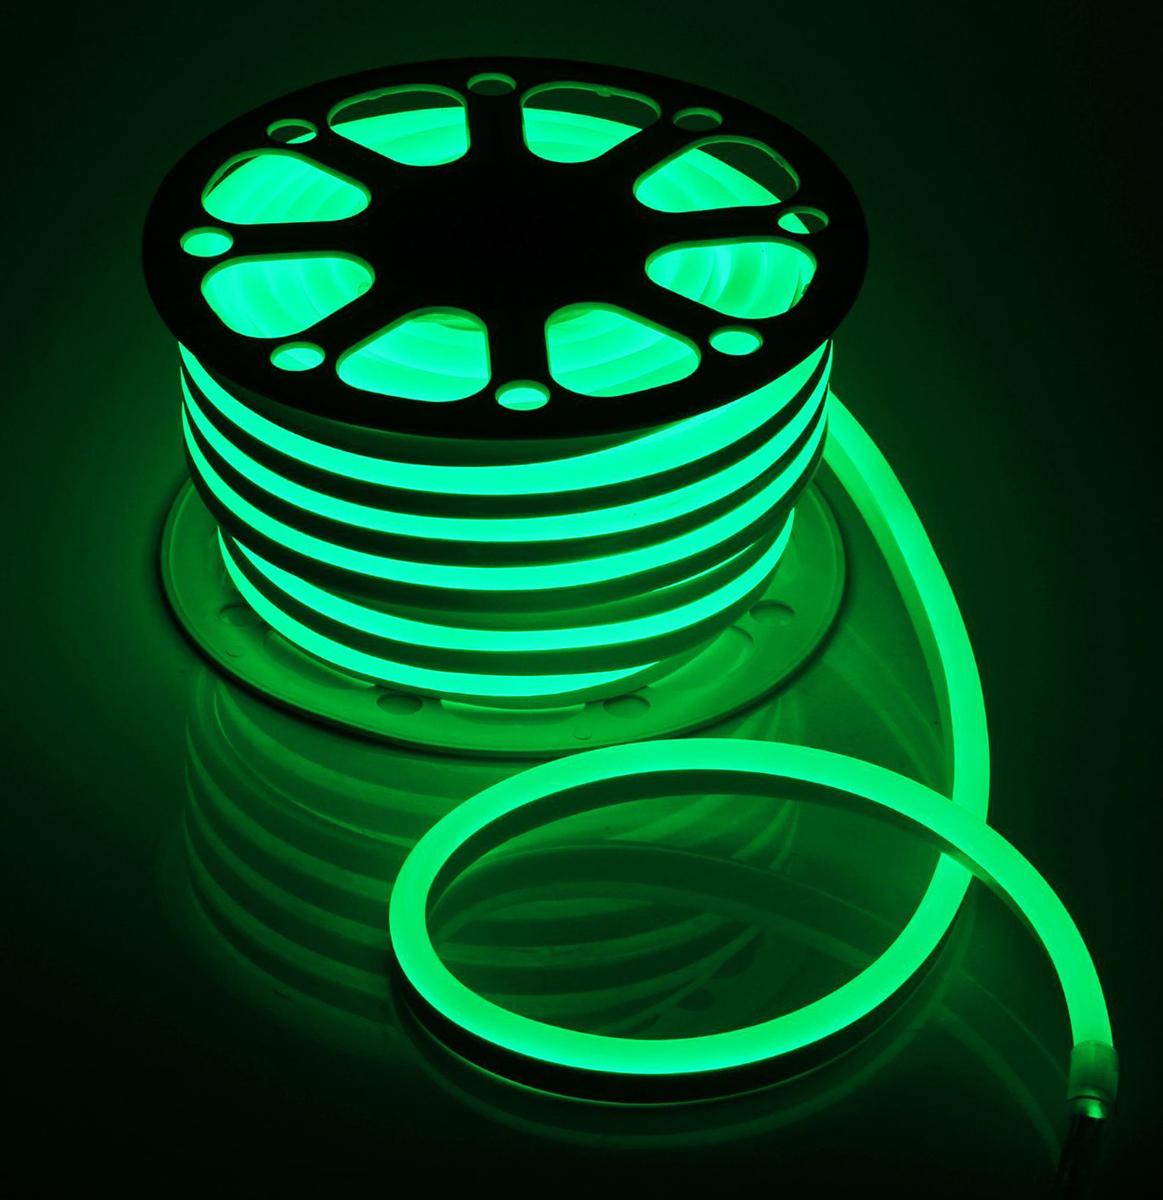 Гирлянда светодиодная  Luazon , 120 ламп, 220 V, цвет: зеленый, 1,5 см х 2,5 см х 25 м. 1431312 -  Гирлянды и светильники